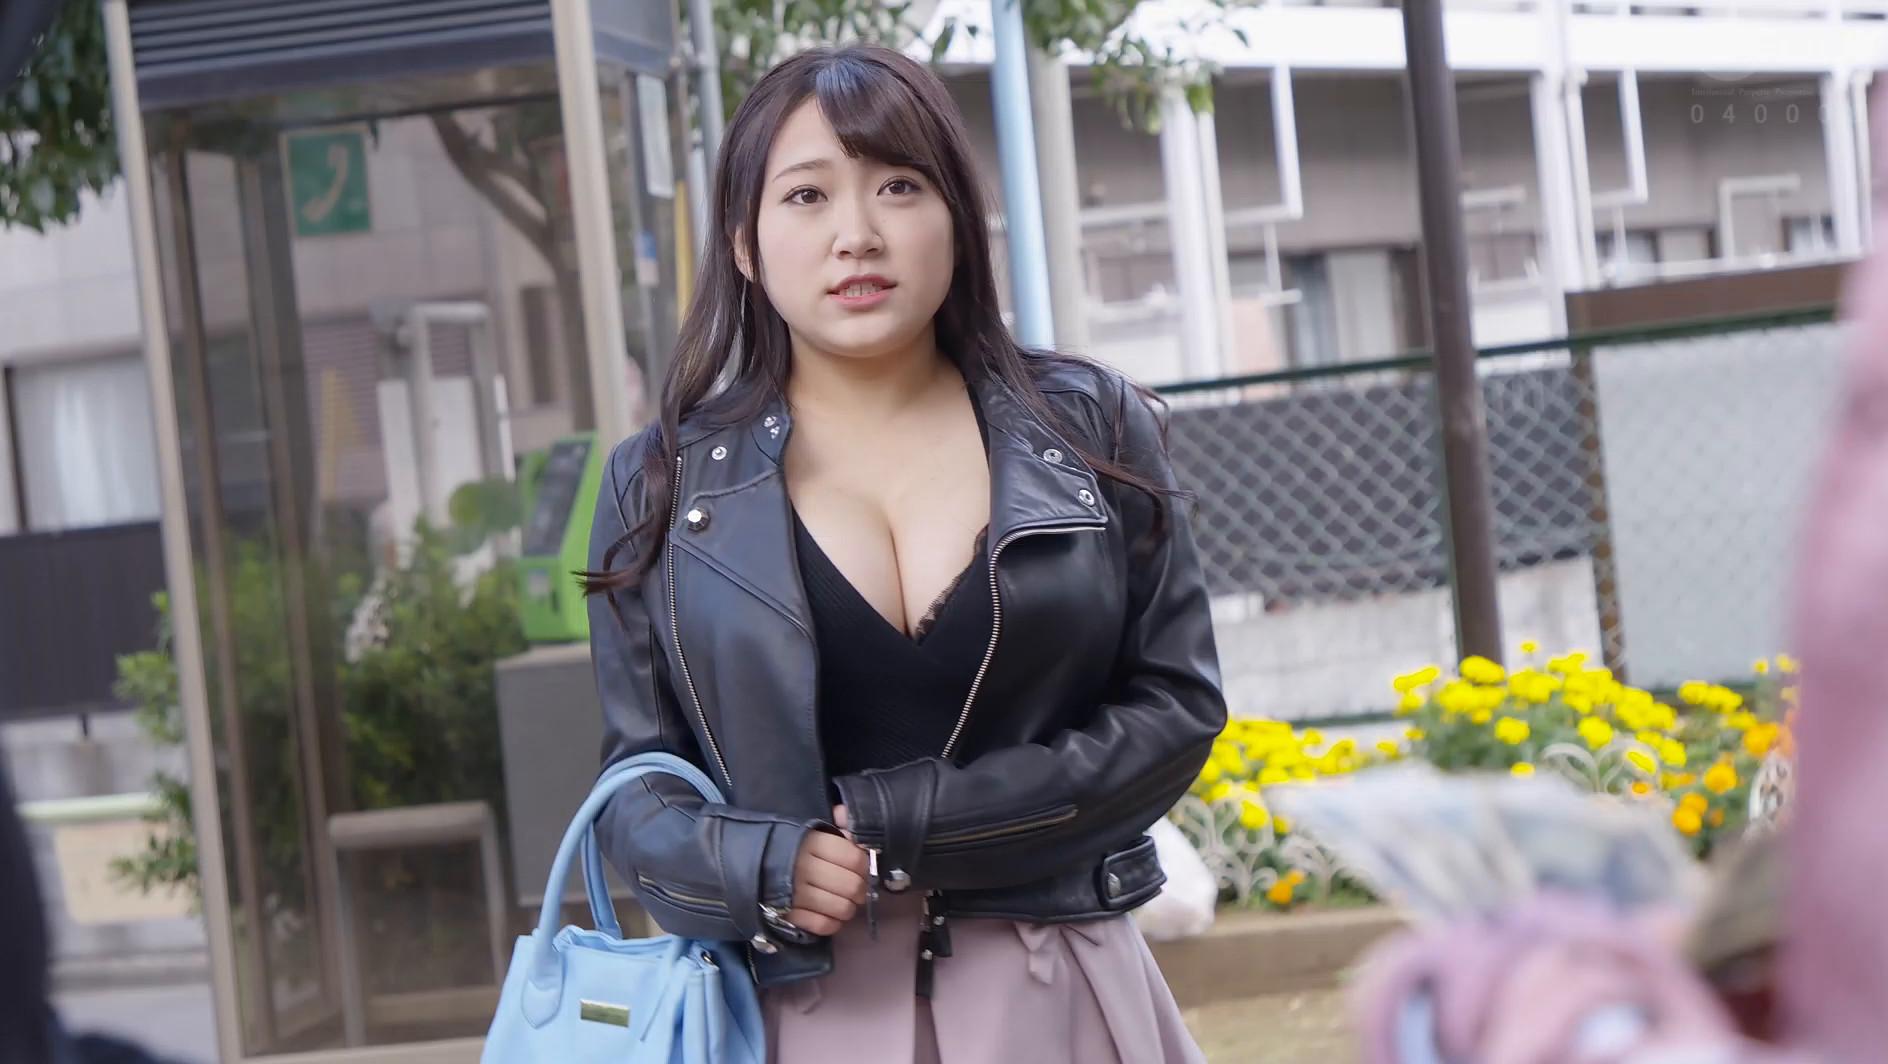 侵入者~愛する夫がいるのに性犯罪者に何度もイカされ中出しされた爆乳ボイン妻~ 姫咲はな 画像1